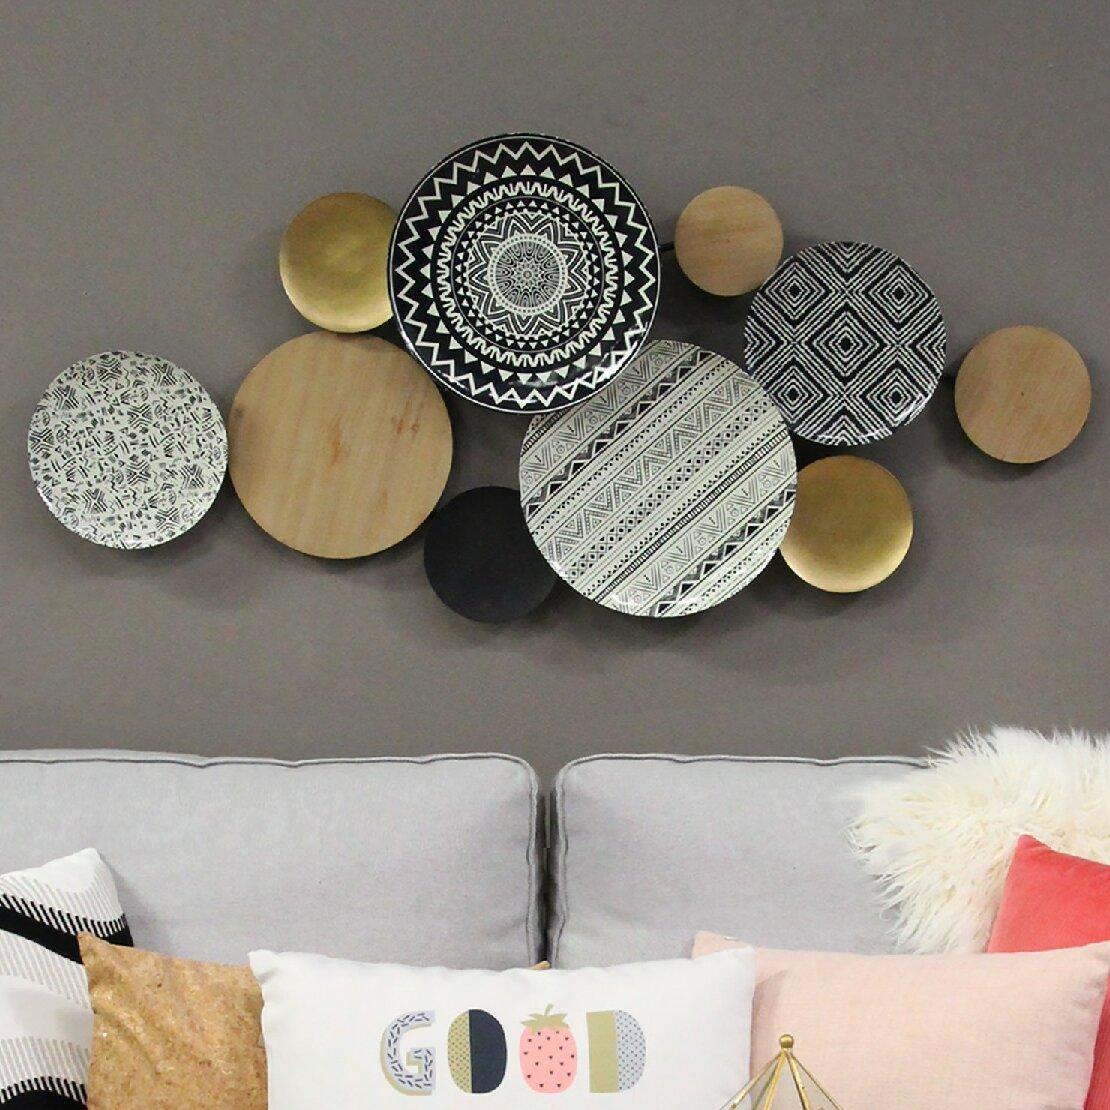 Dakota Fields Medley Plates Wall Decor Reviews Wayfair